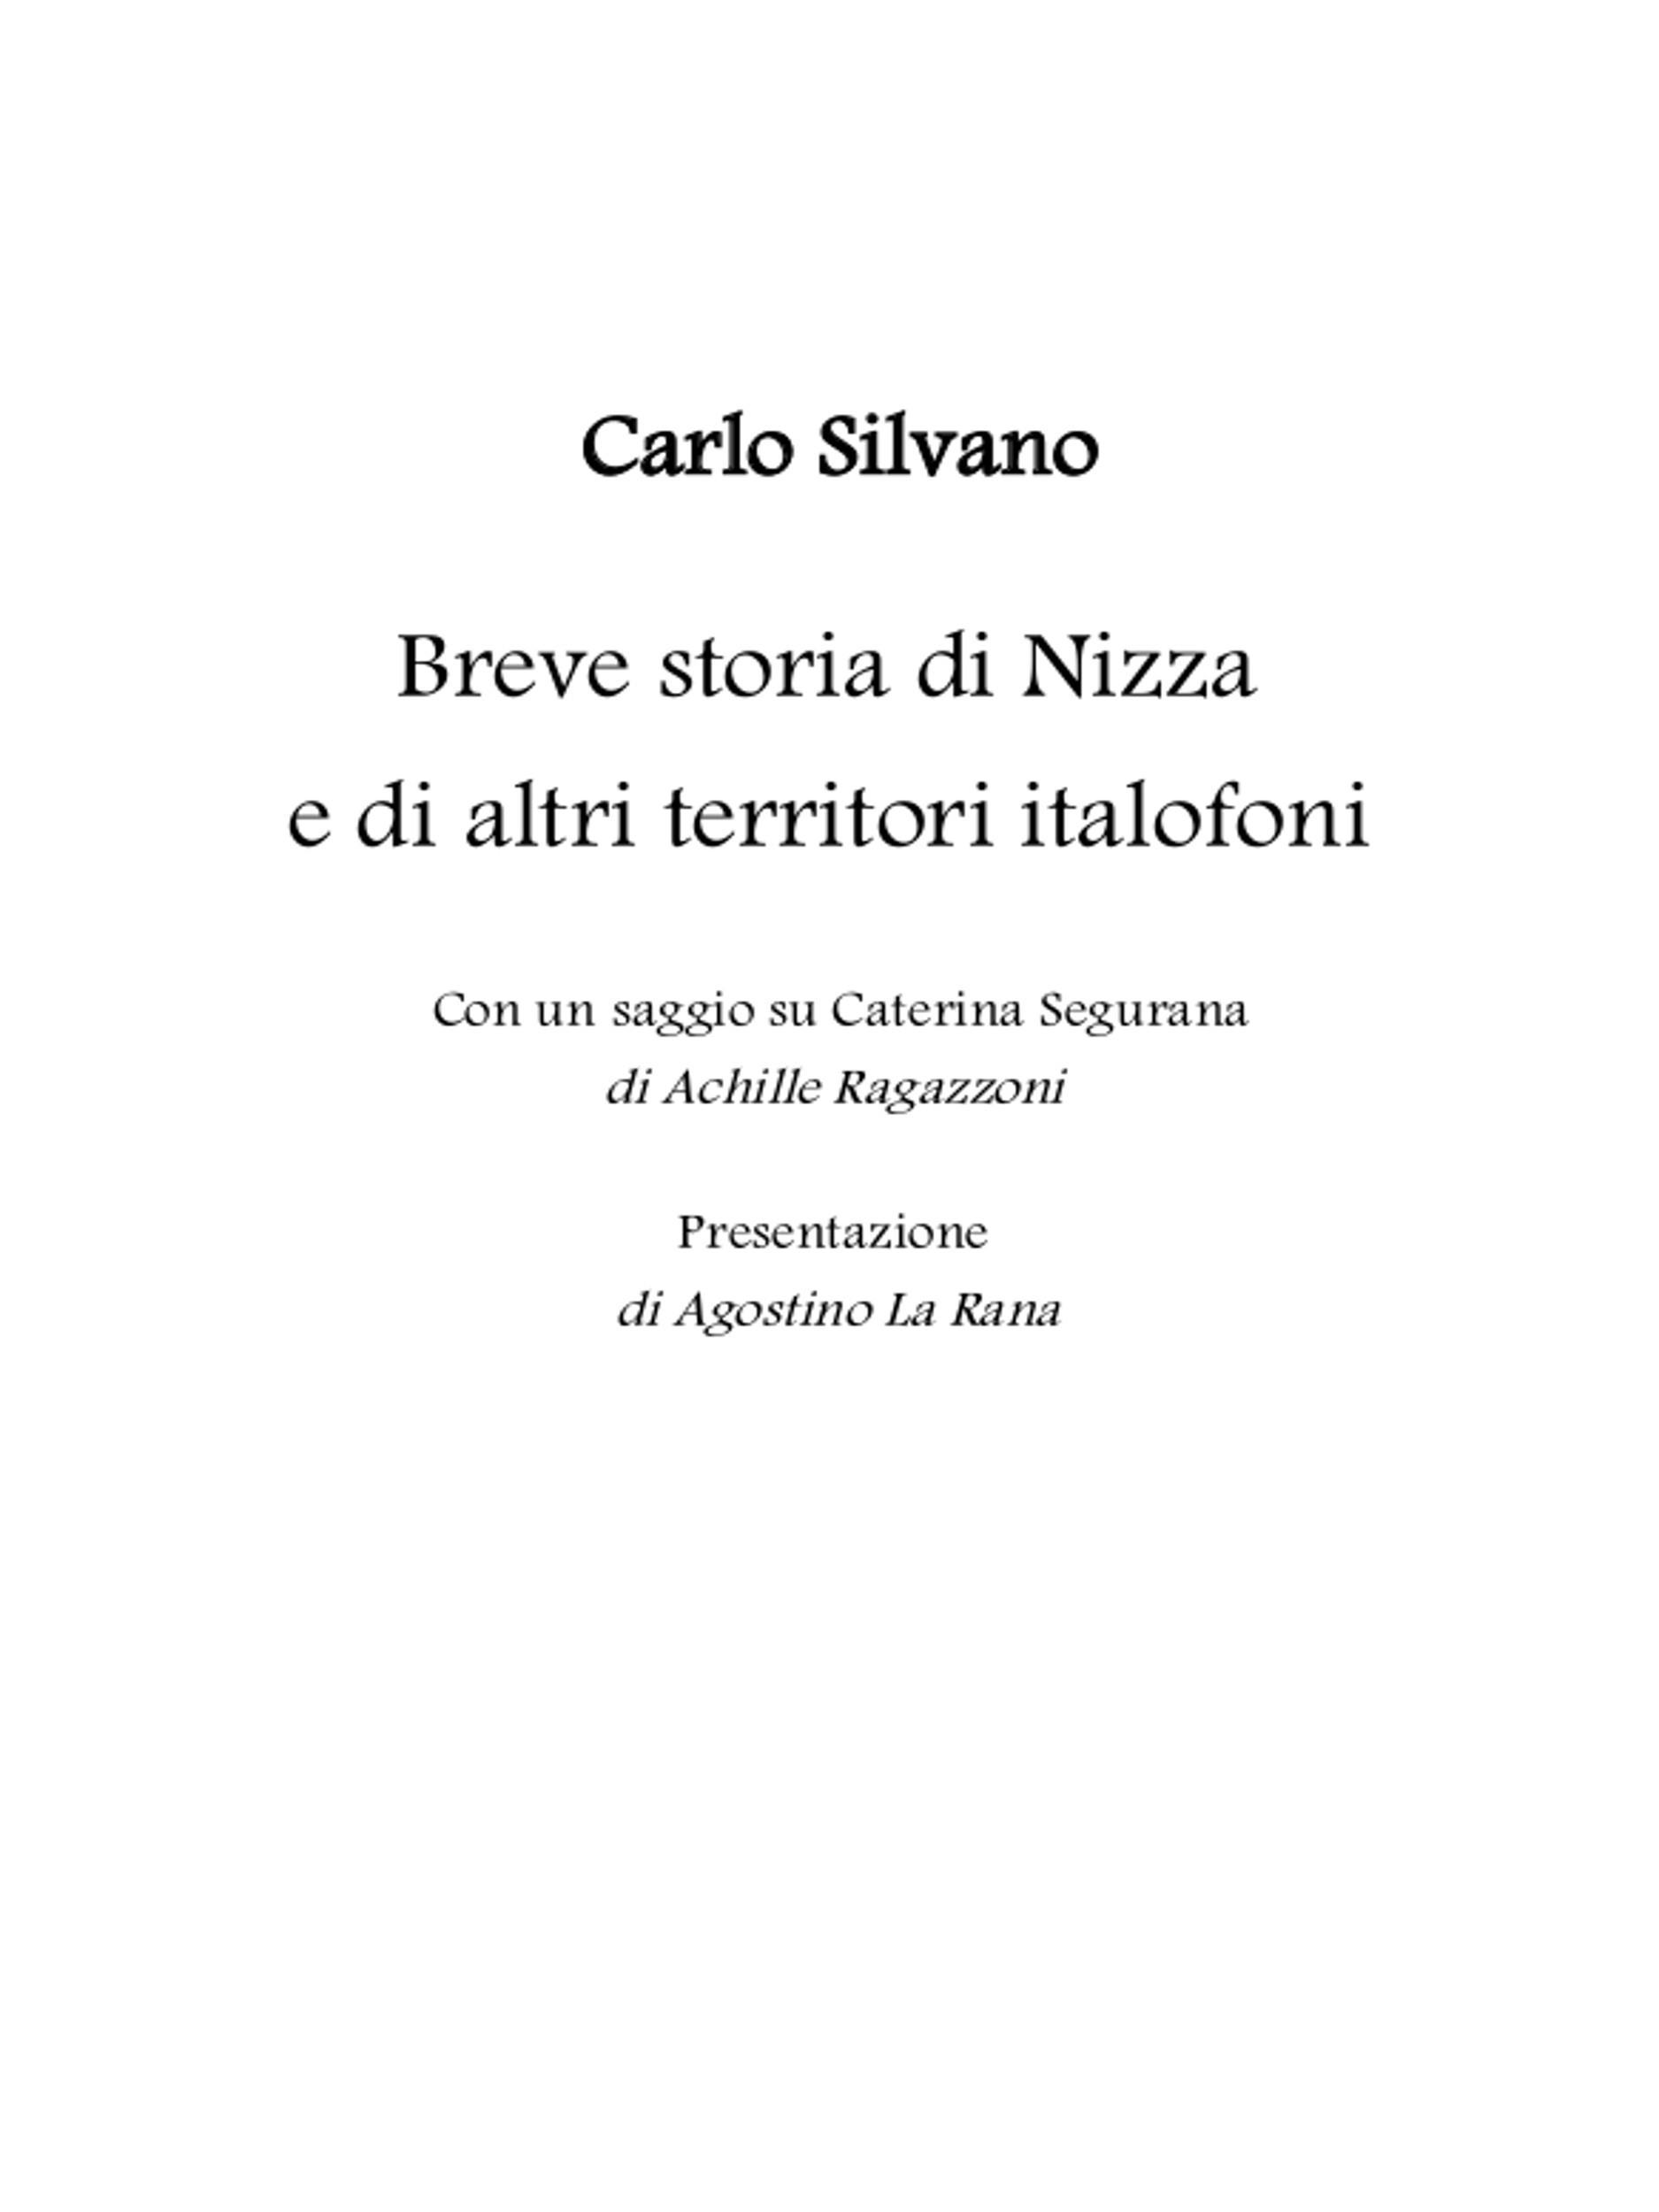 Breve storia di Nizza e di altri territori italofoni